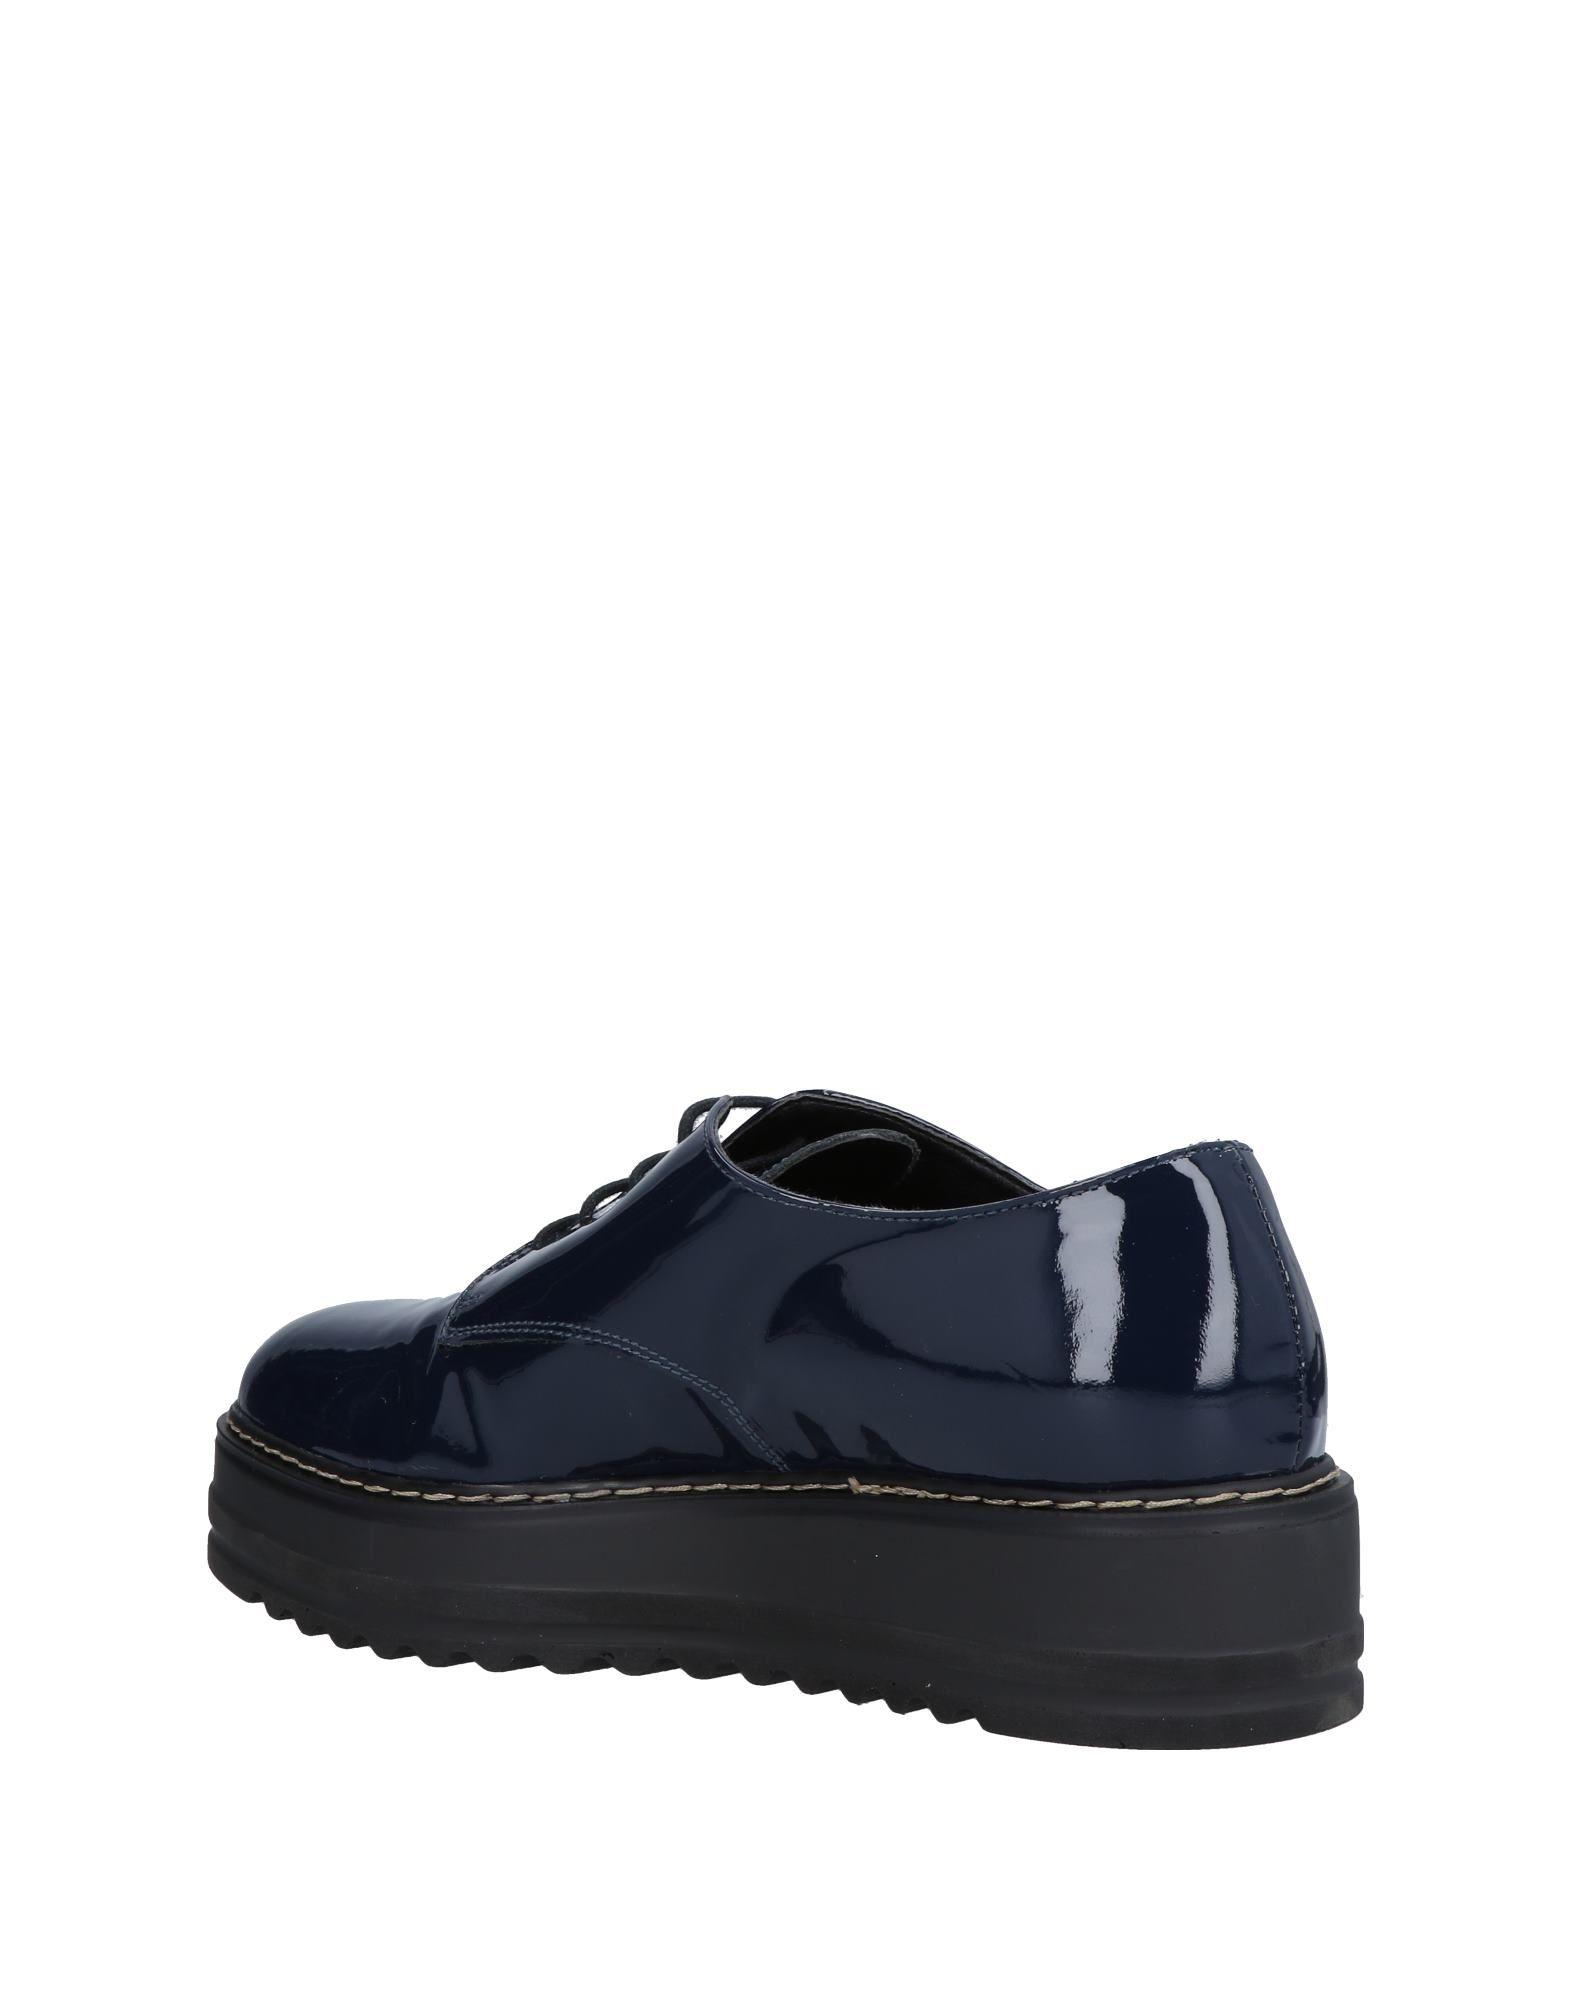 Formentini Formentini  Schnürschuhe Damen  11479079EK Heiße Schuhe e51f86